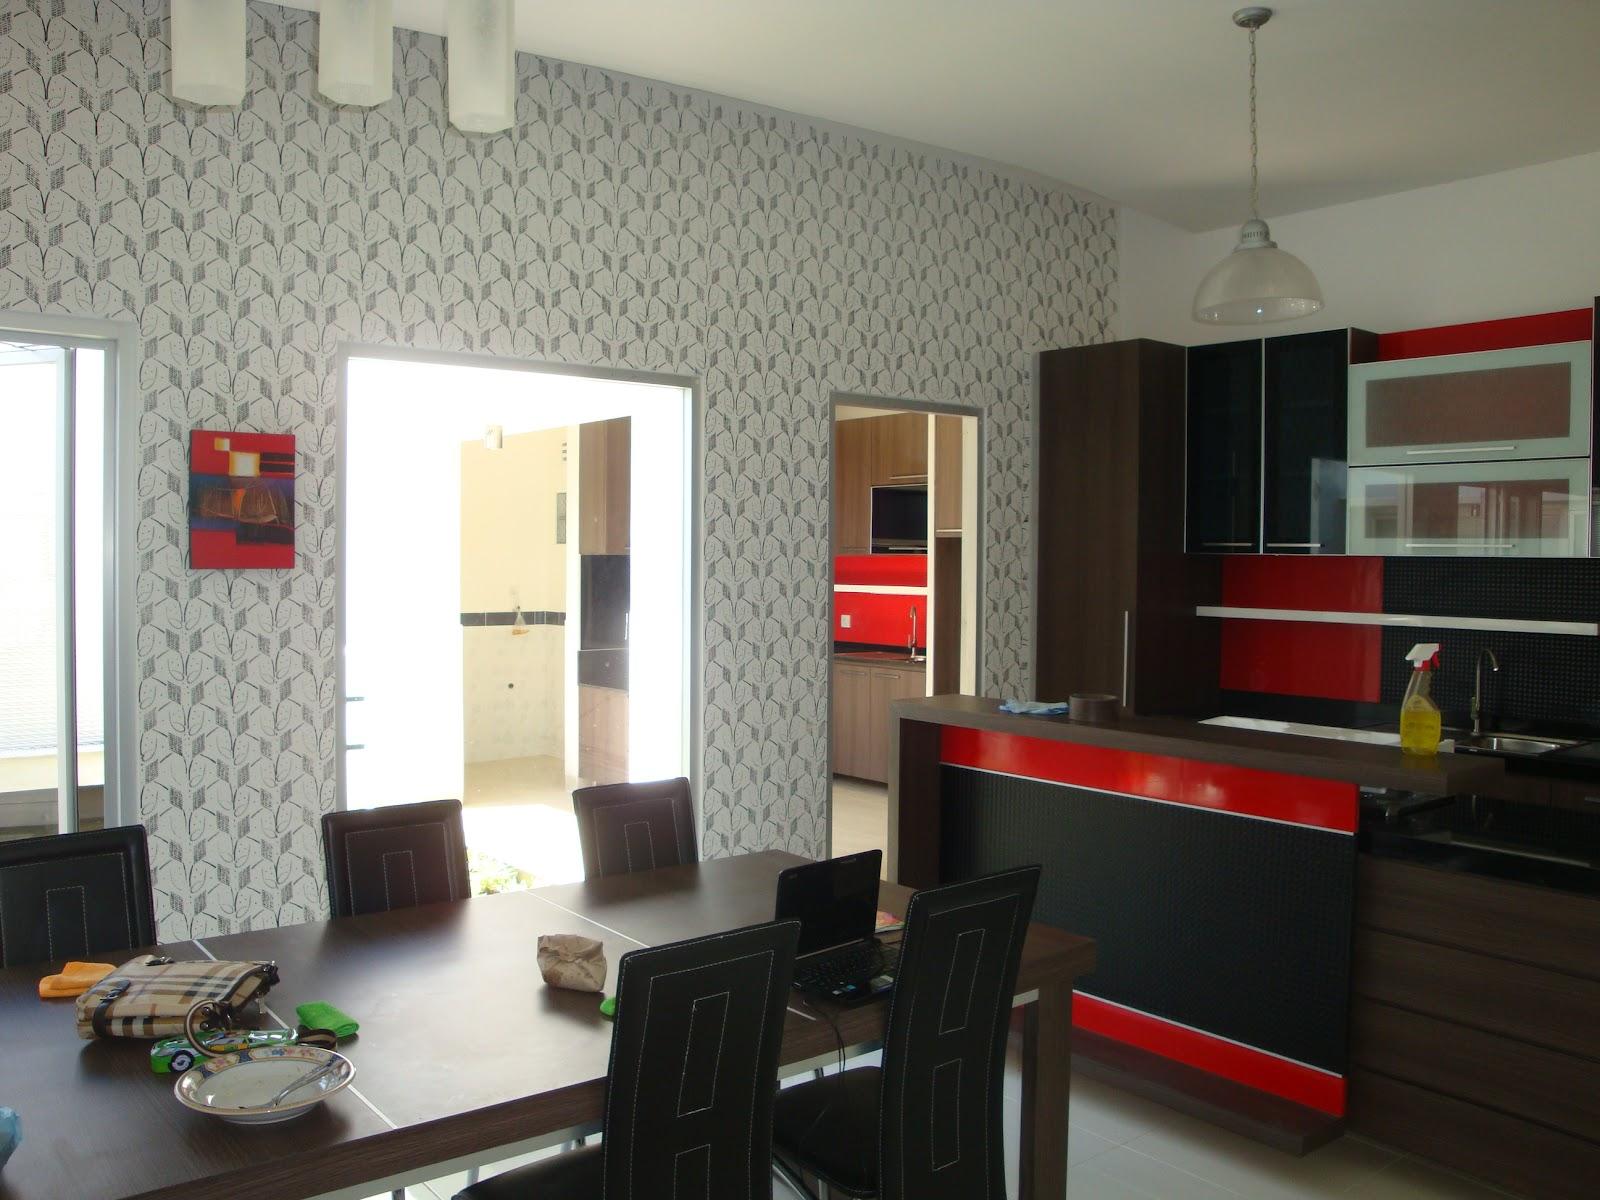 Desain Wallpaper Ruang Makan Keluarga Nirwana Deco